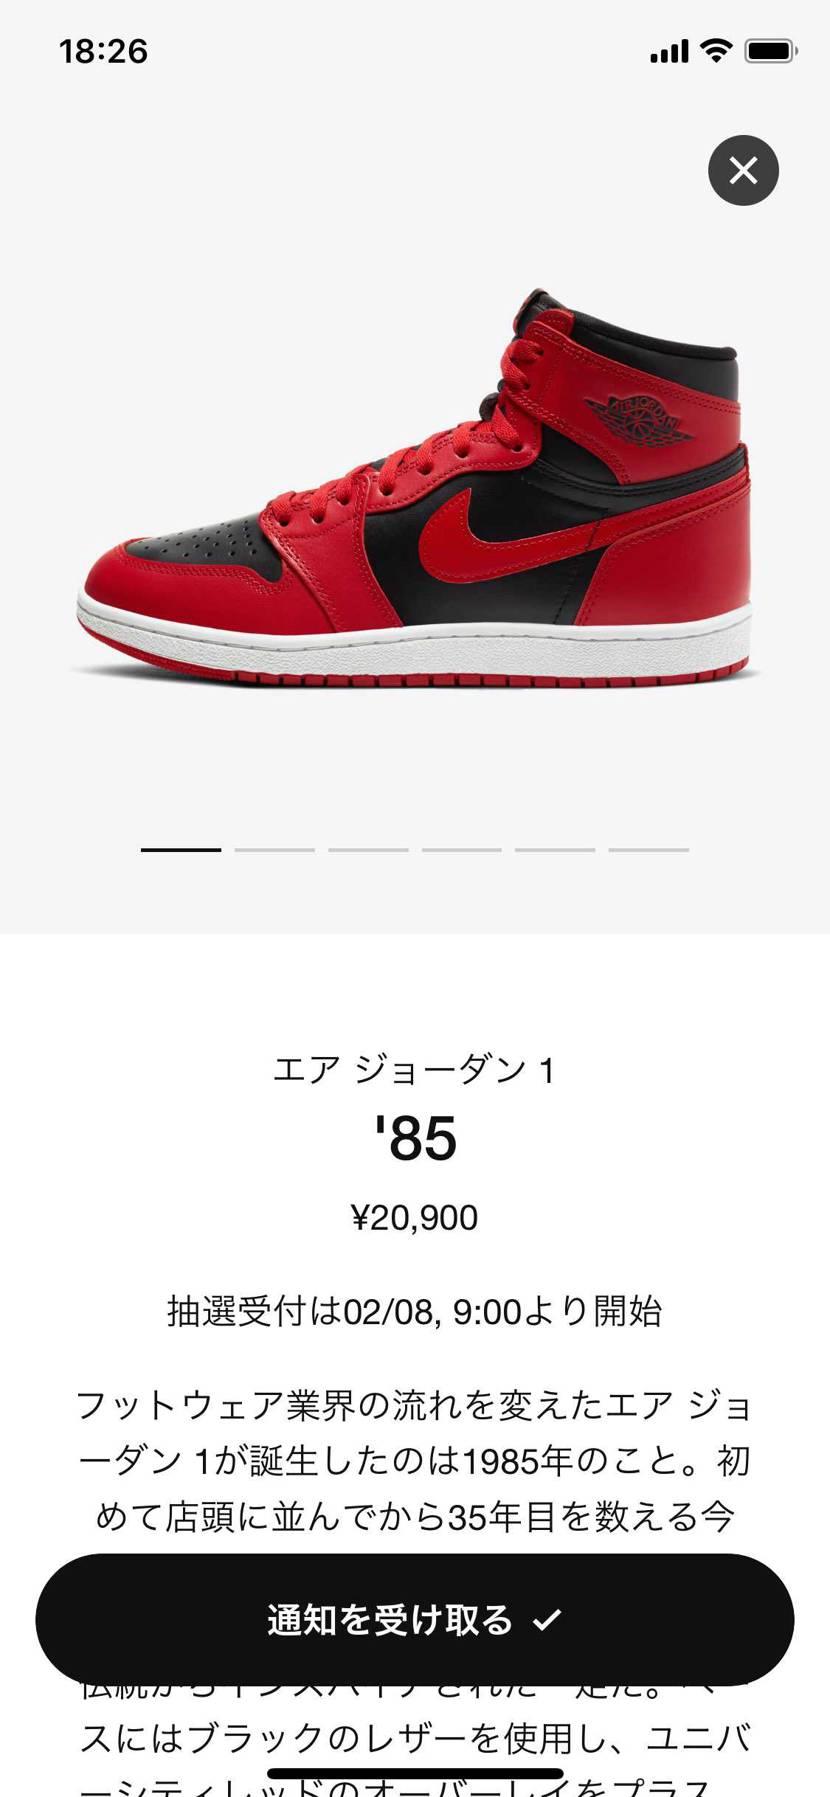 23000足のうちどれだけ日本にくるのか。 買えますように🙏